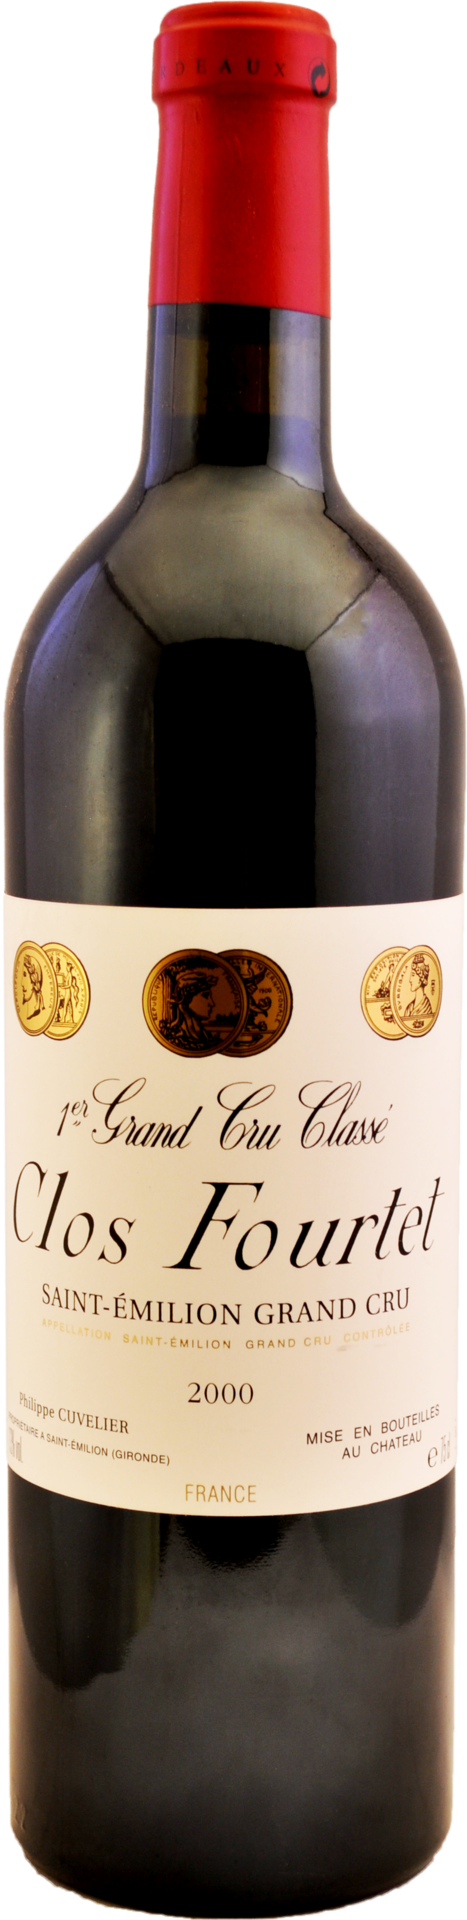 2000 75CL Chateau Clos Fourtet